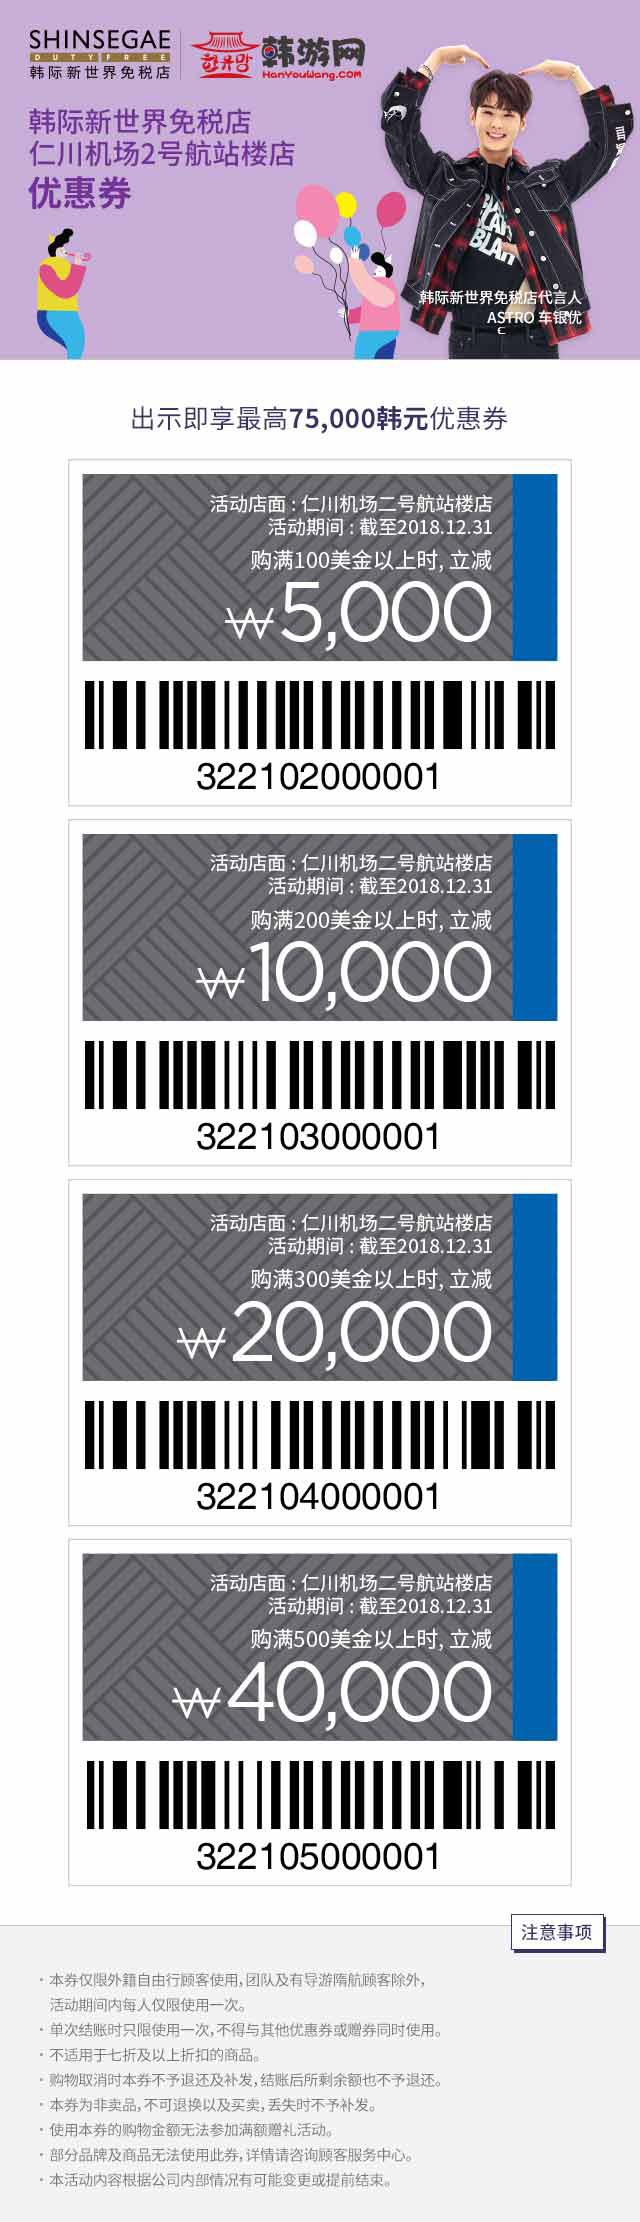 韩际新世界免税店仁川机场2号航站楼店优惠券